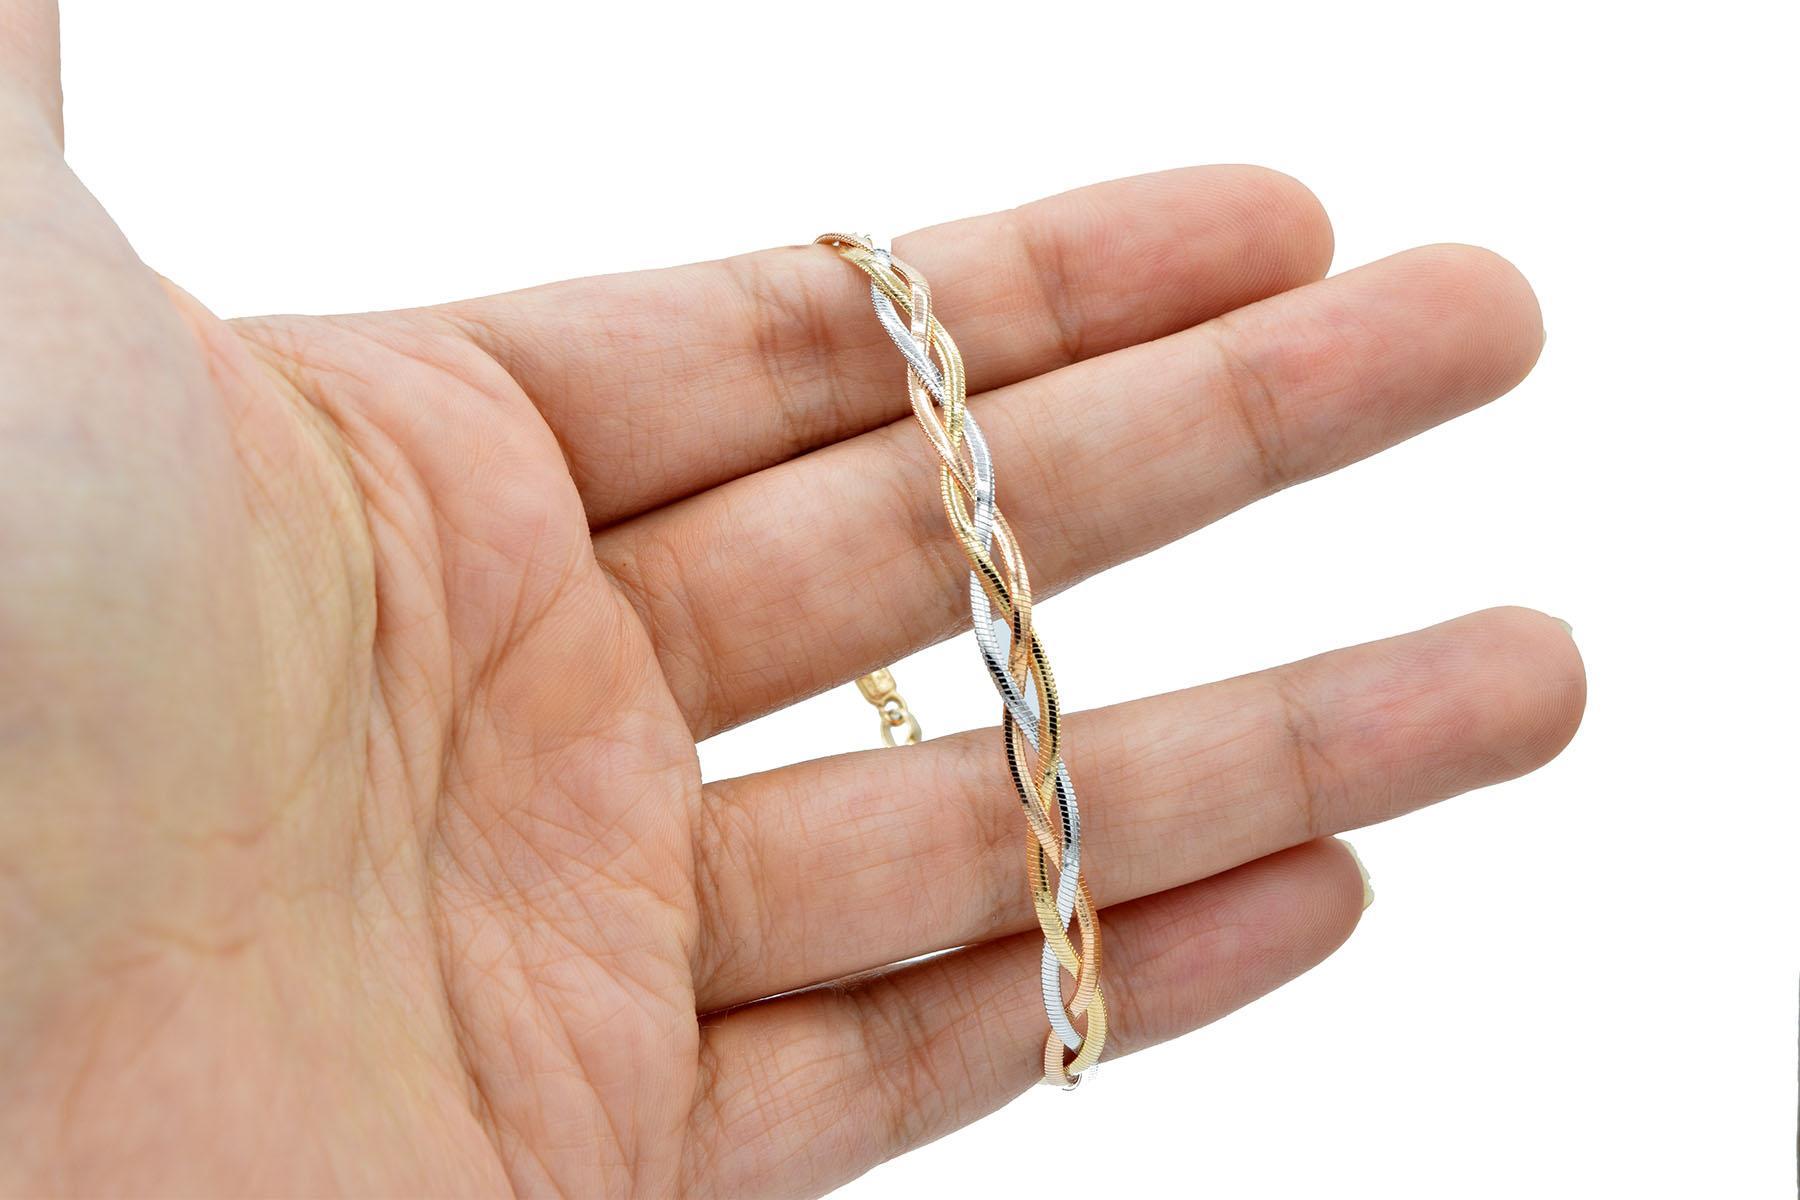 دستبند زنانه ژوپینگ طرح ایتالیایی ds-n443 از نمای روی دست